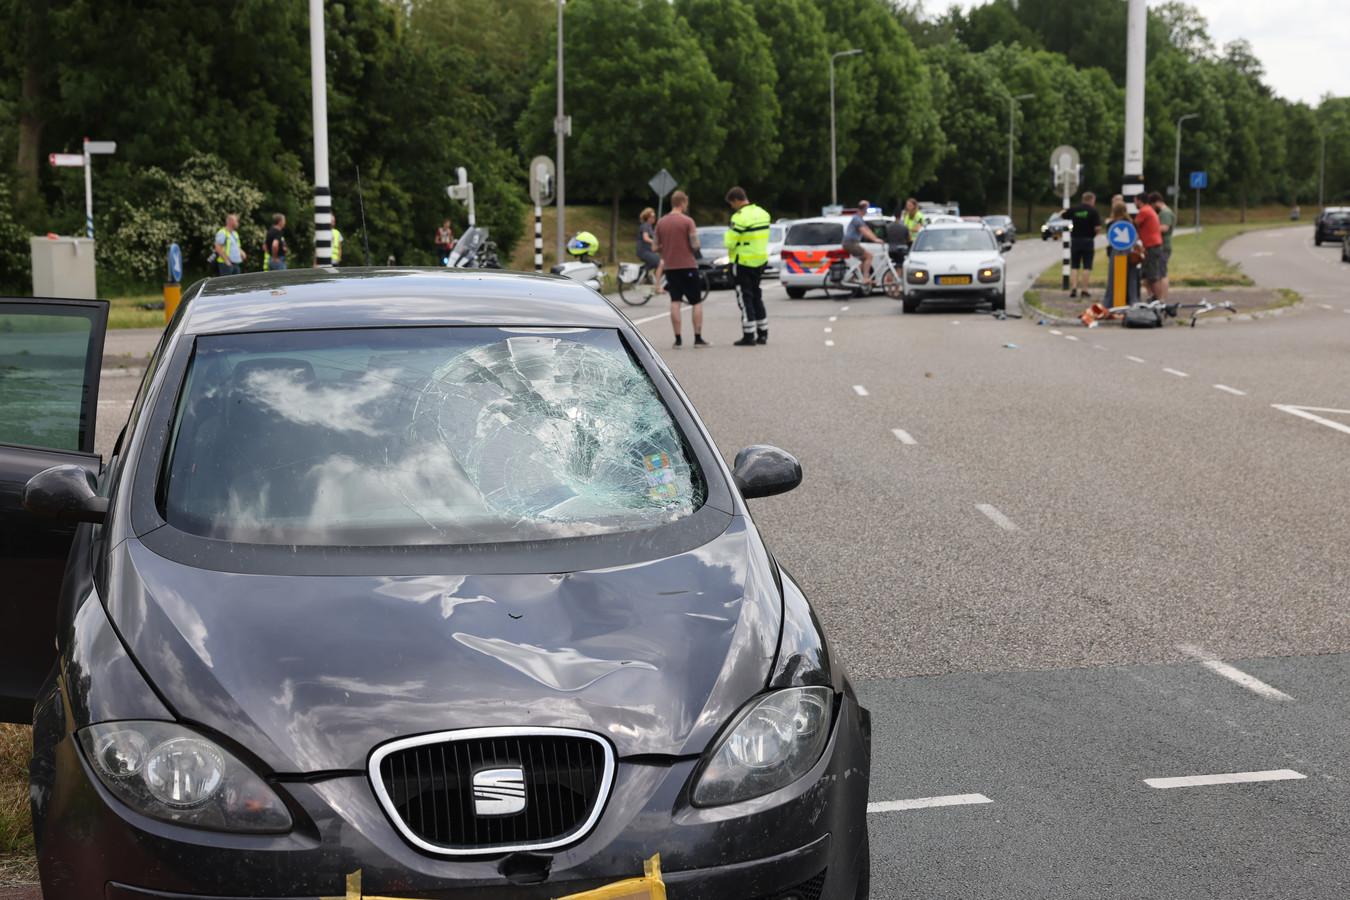 De schade aan de auto, met op de achtergrond de gebroken fiets.